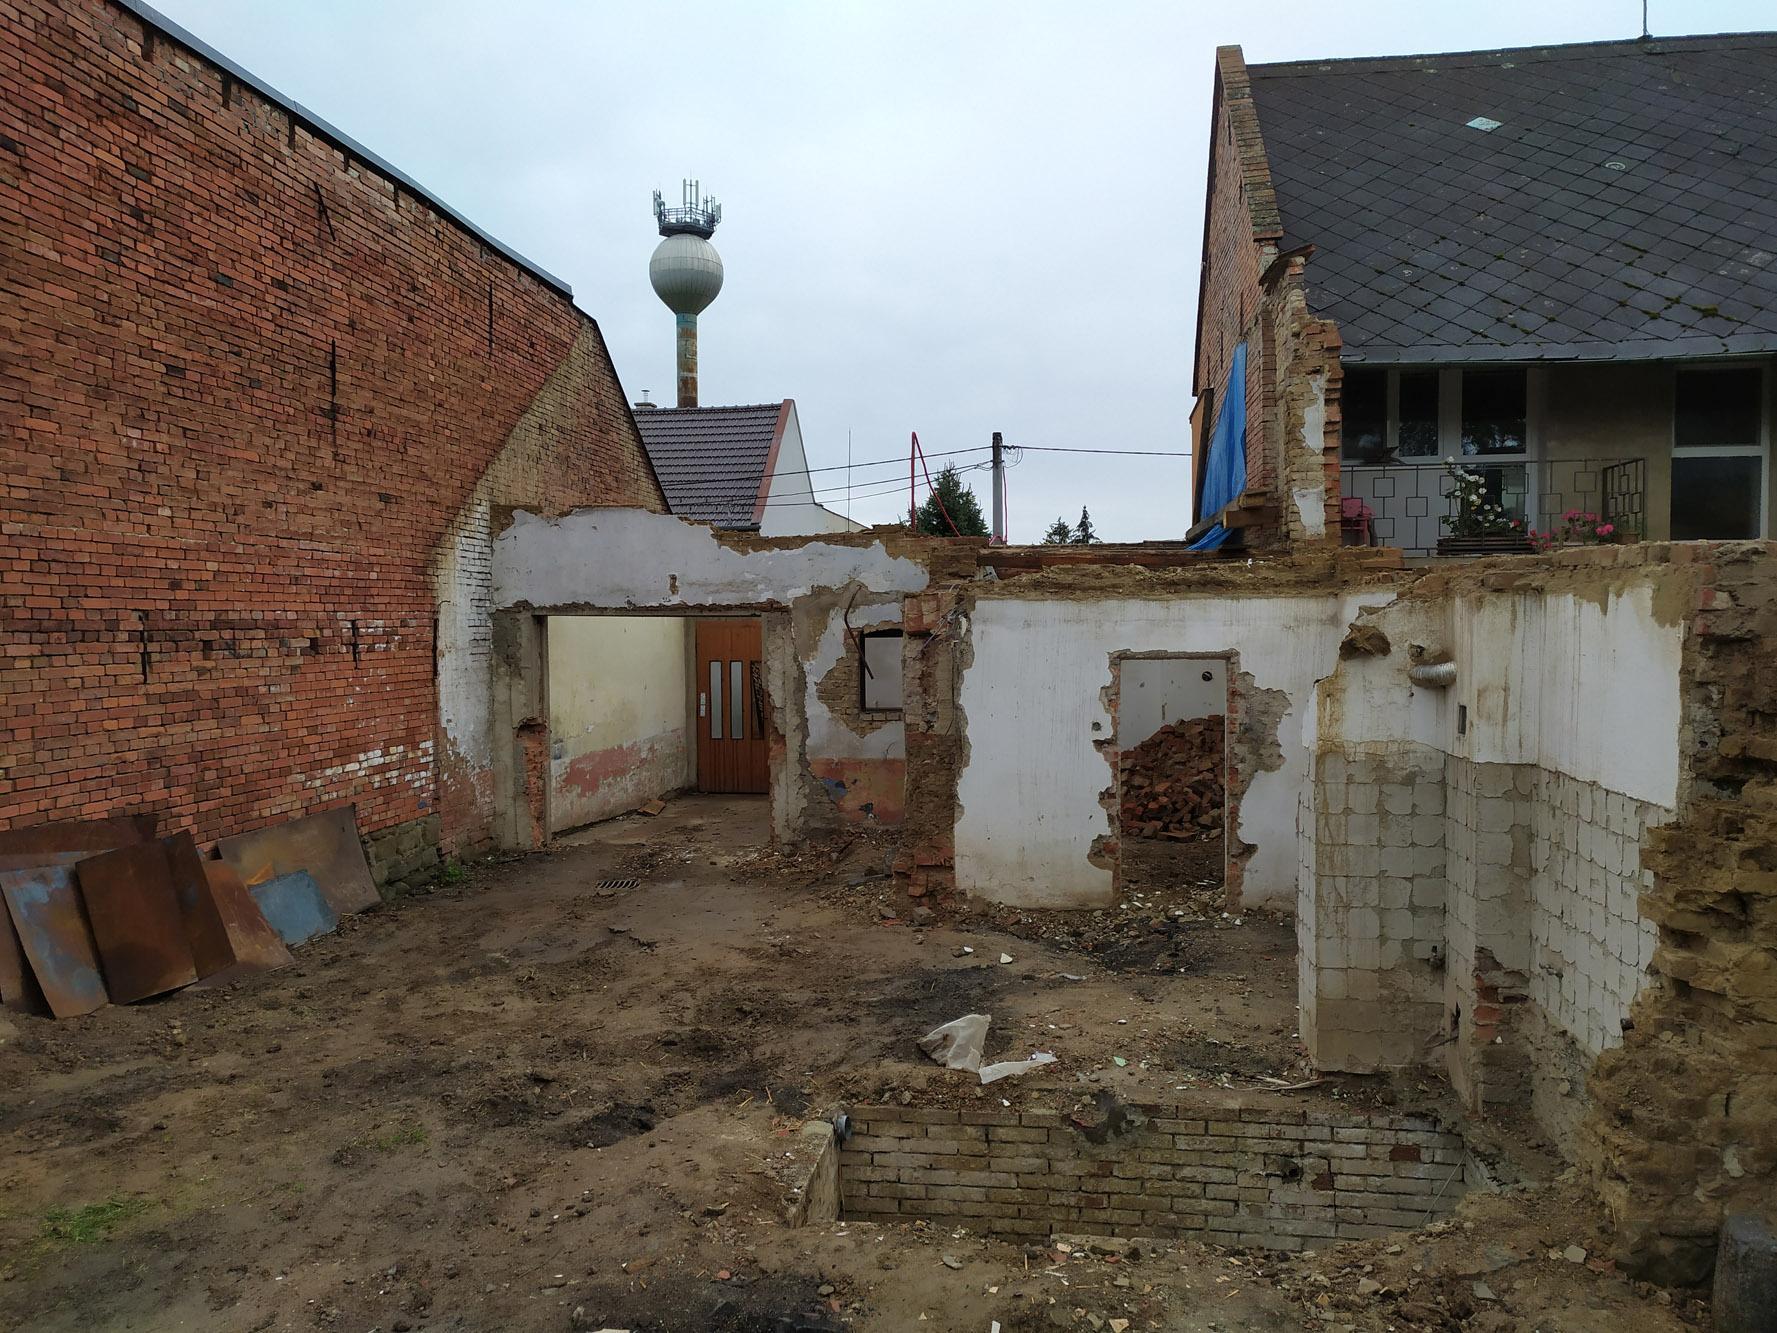 Bourání staré a stavba nové řadovky - Obrázek č. 44